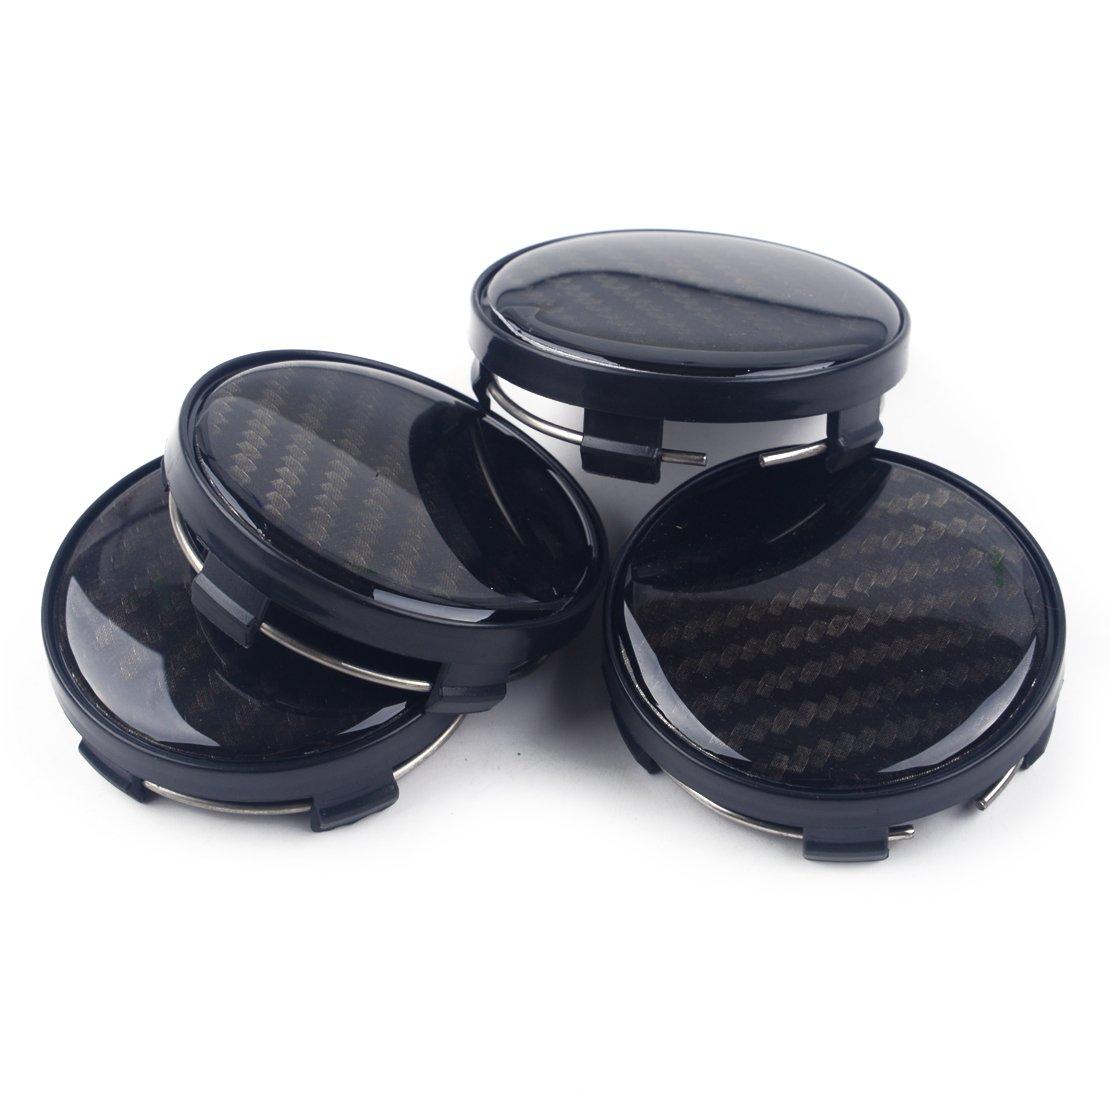 Radkappen Felgenkappen Passen auf Felgen mit 58-60mm Radloch beler 1 Satz 4 STK x60mm Schwarze NABENKAPPEN